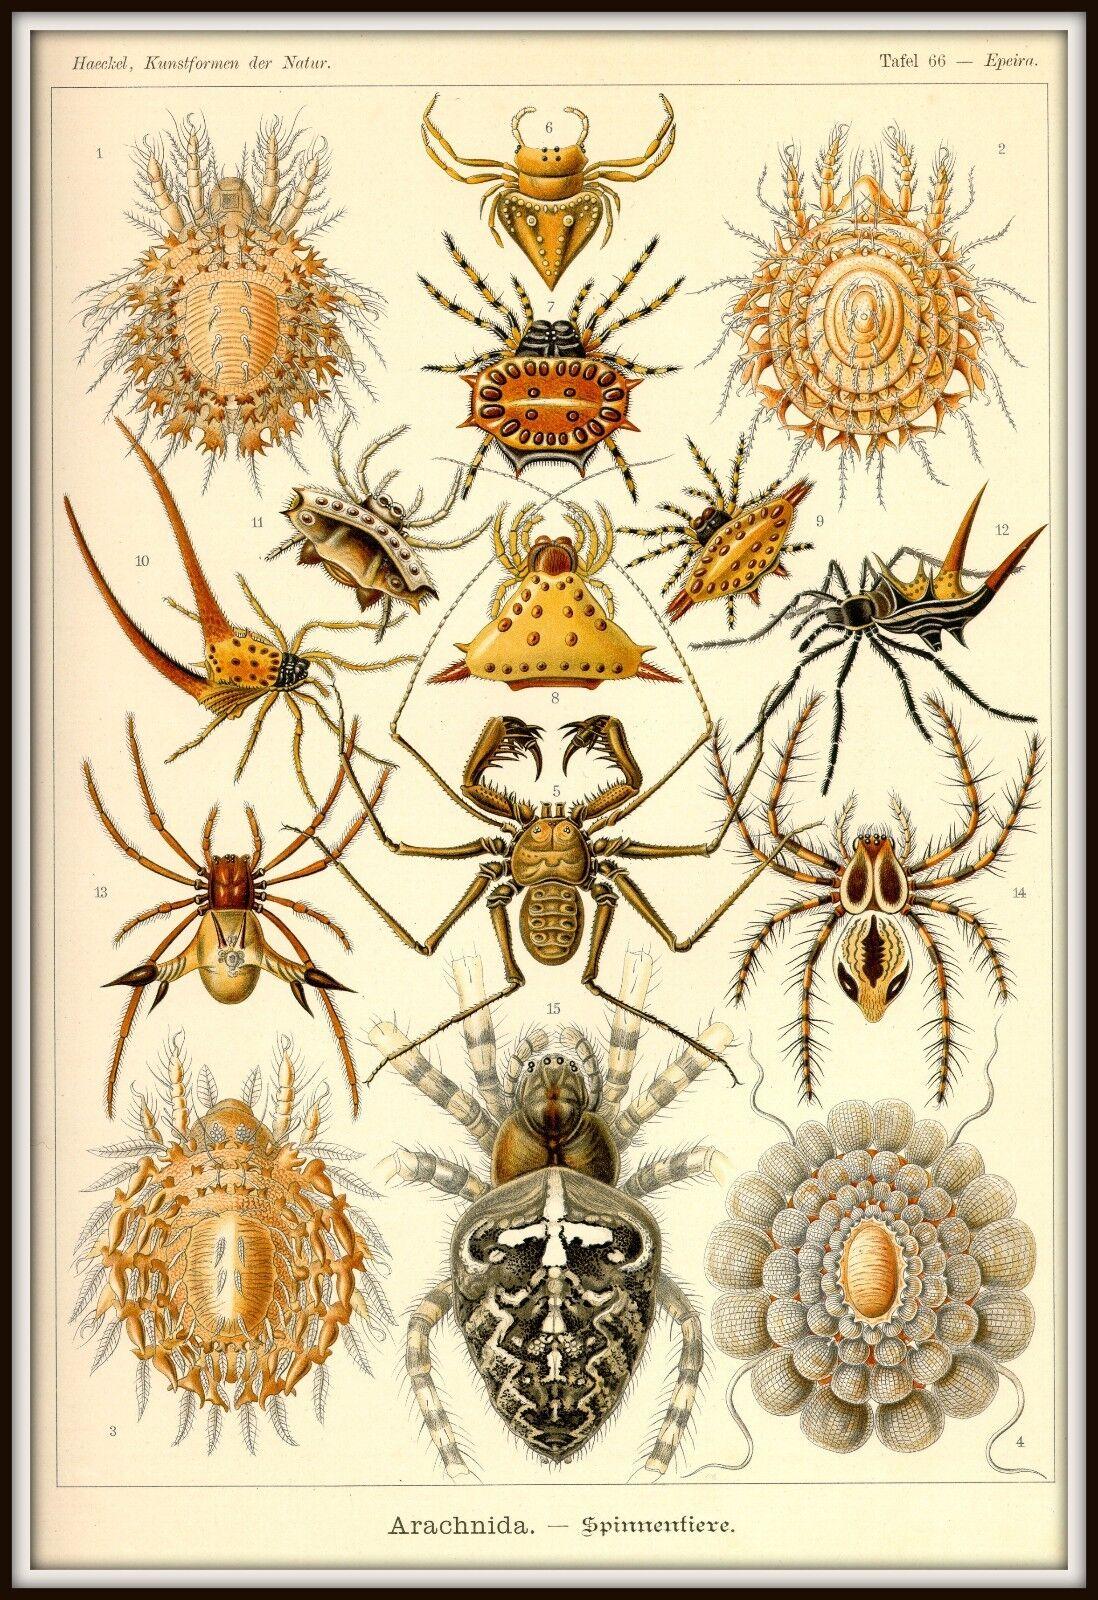 Spider Poster Ernst Haeckel Arachnids Science Illustration Print 4x6